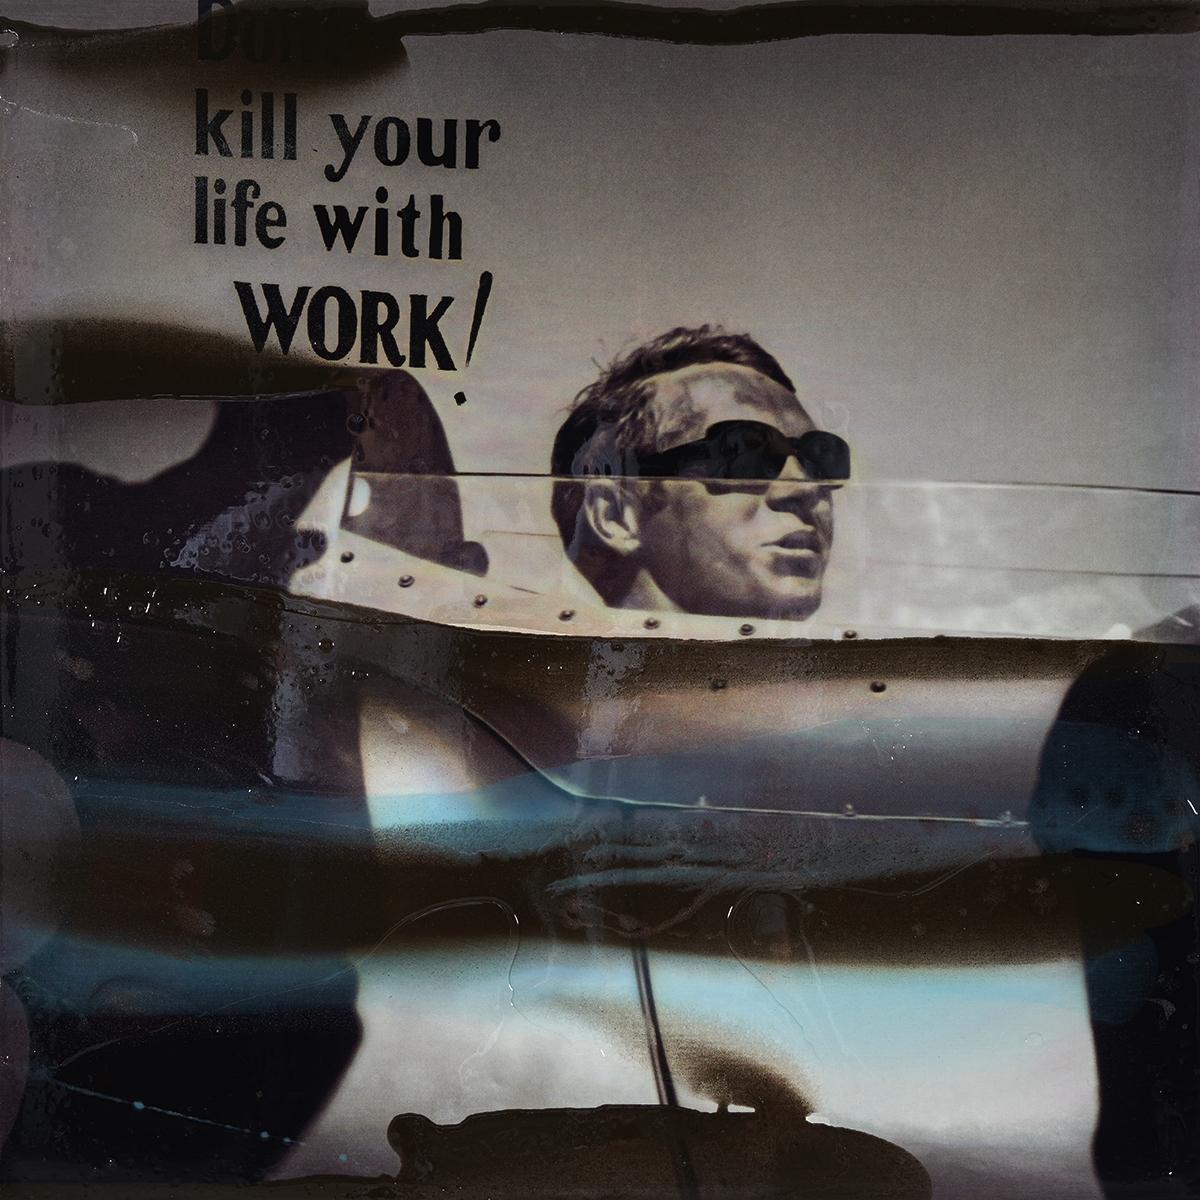 Don't Kill Your Life - Epoxy